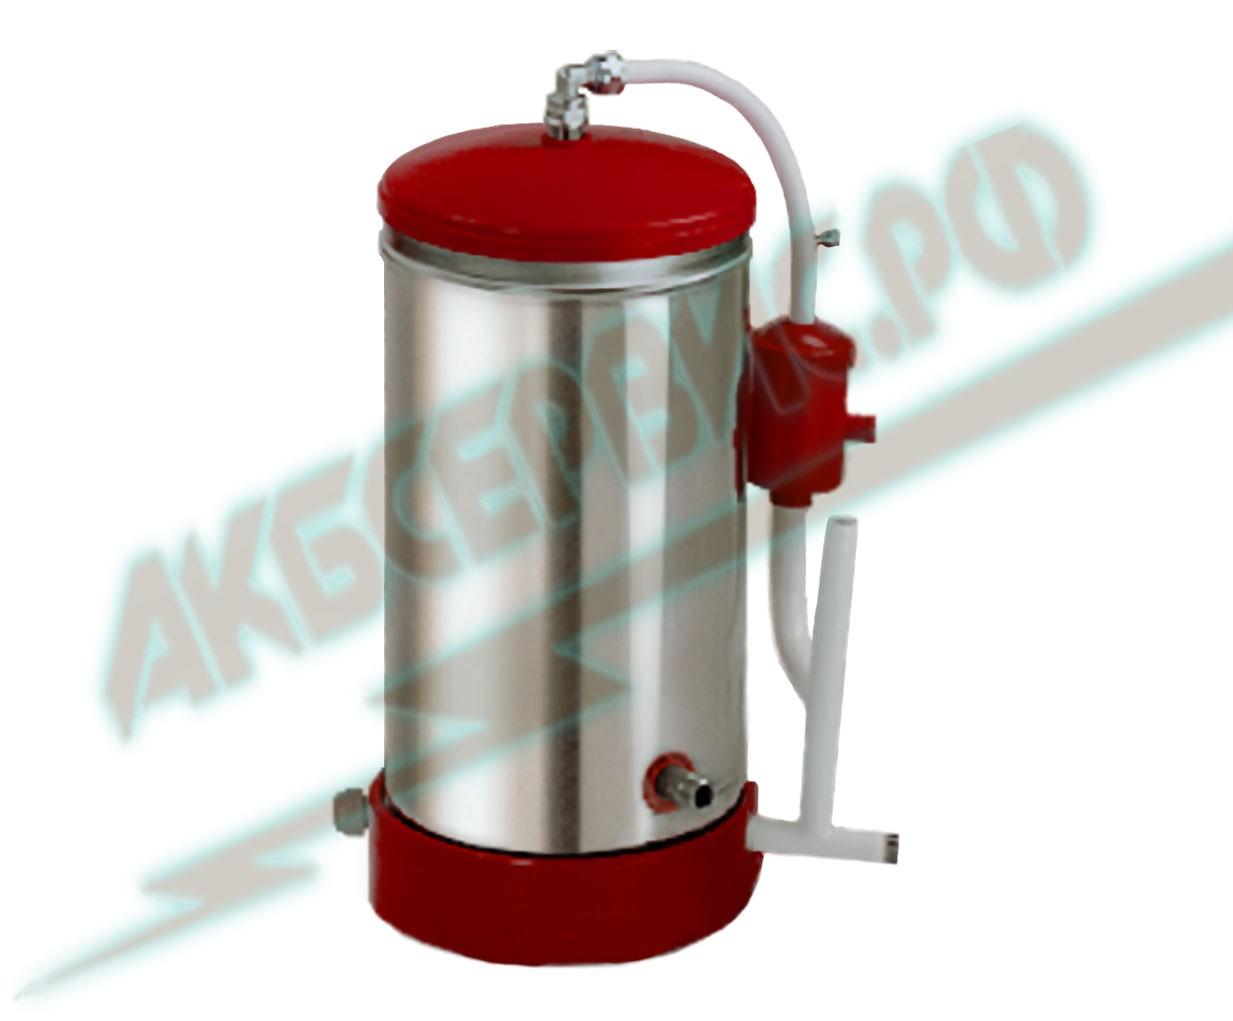 АКБСЕРВИС.РФ | Дистилляторы для производства деминерализованной воды.